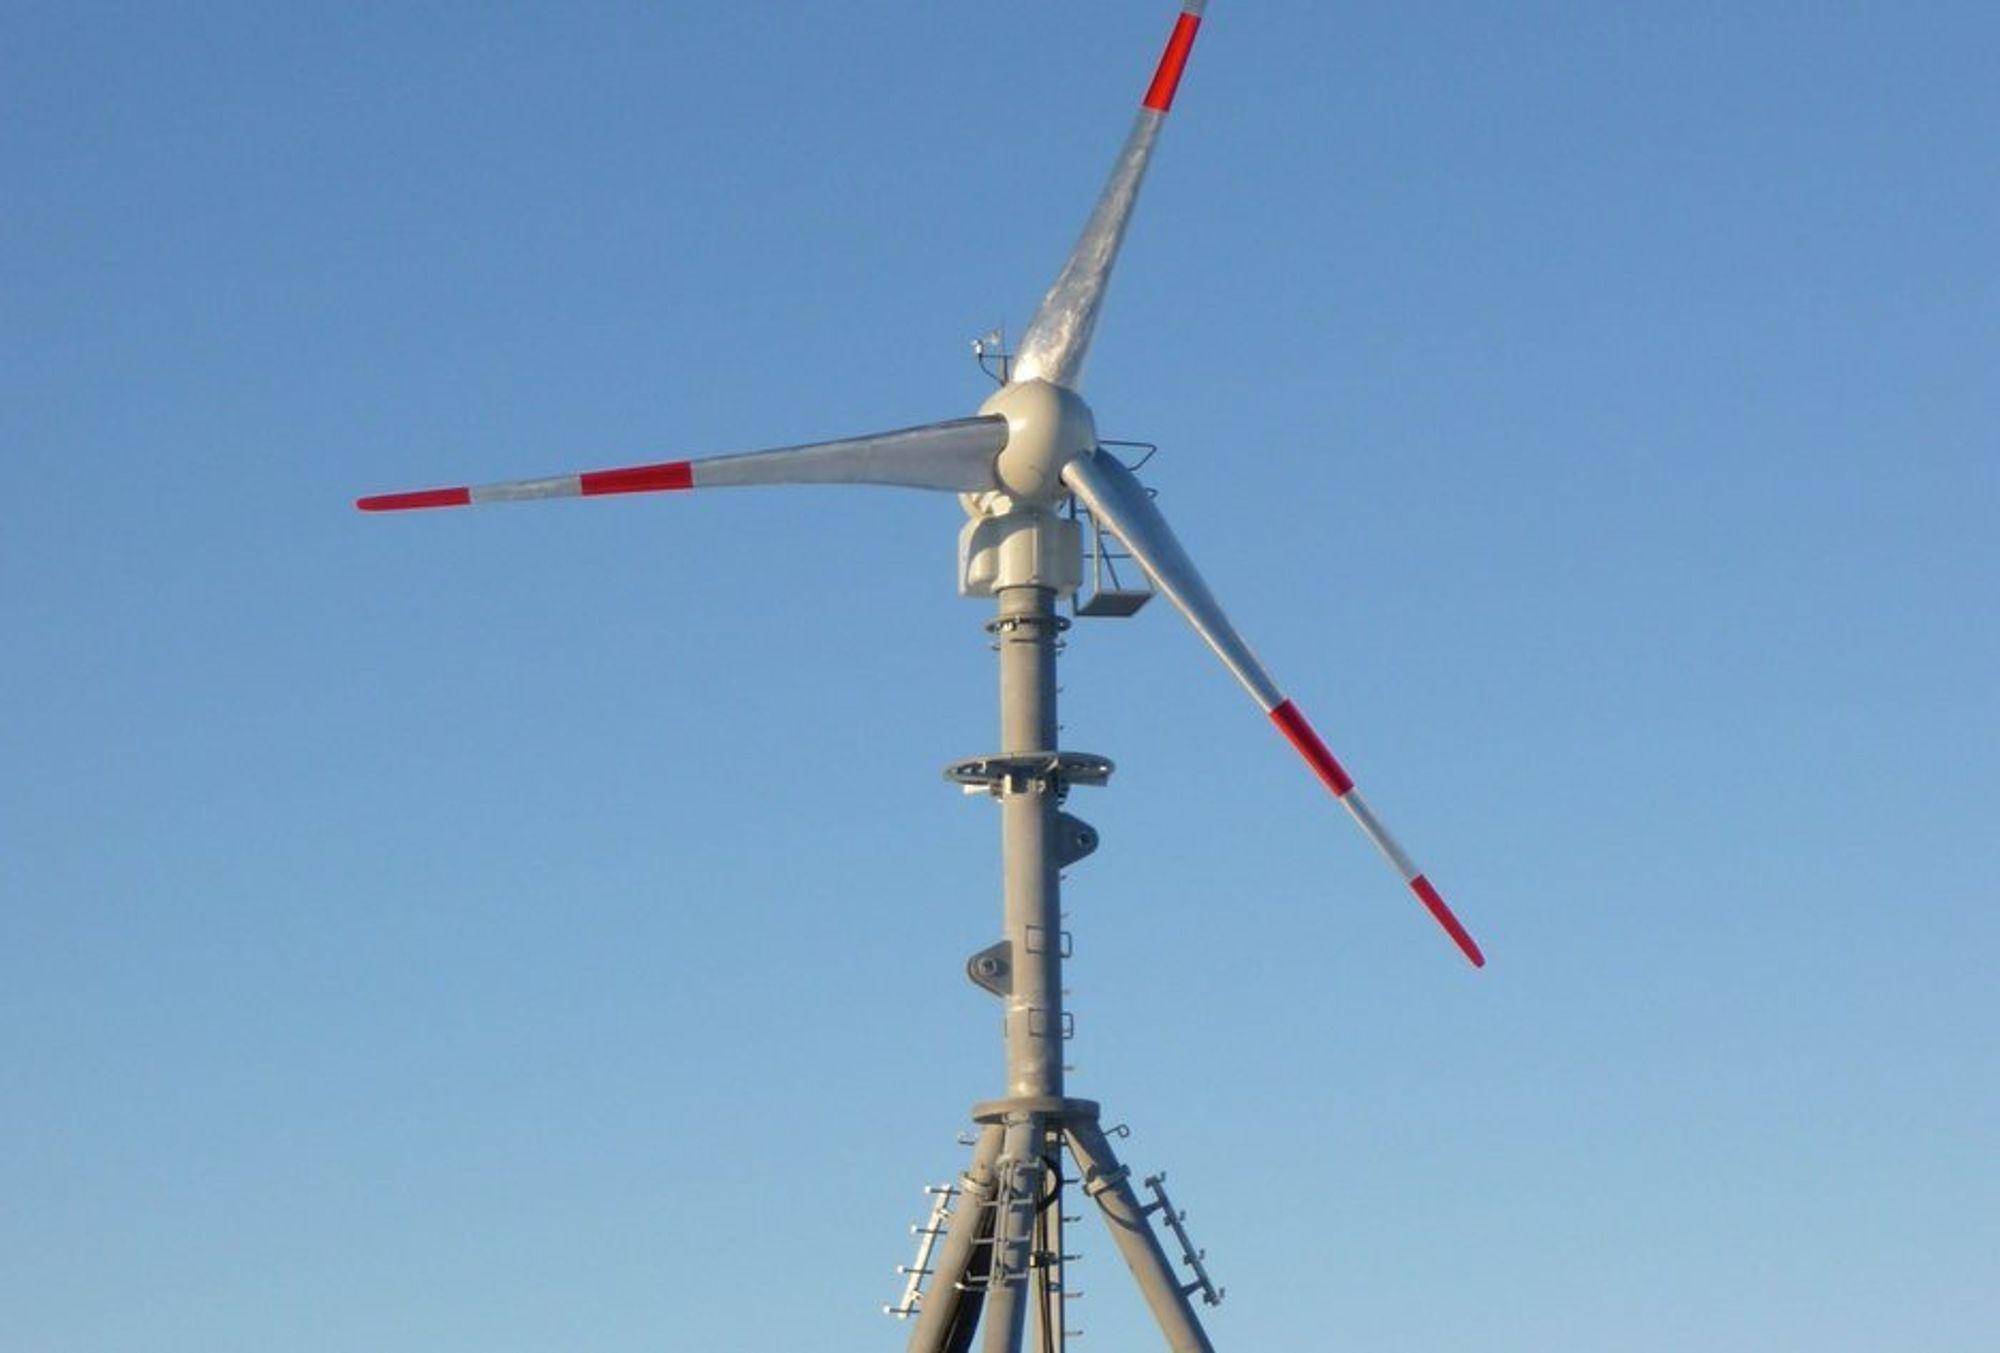 VINDKRAFT I ANTARKTIS: Slik ser den anbefalte vindmøllen som kan settes opp ved den norske forskningsstasjonen i Dronning Maud Land ut.